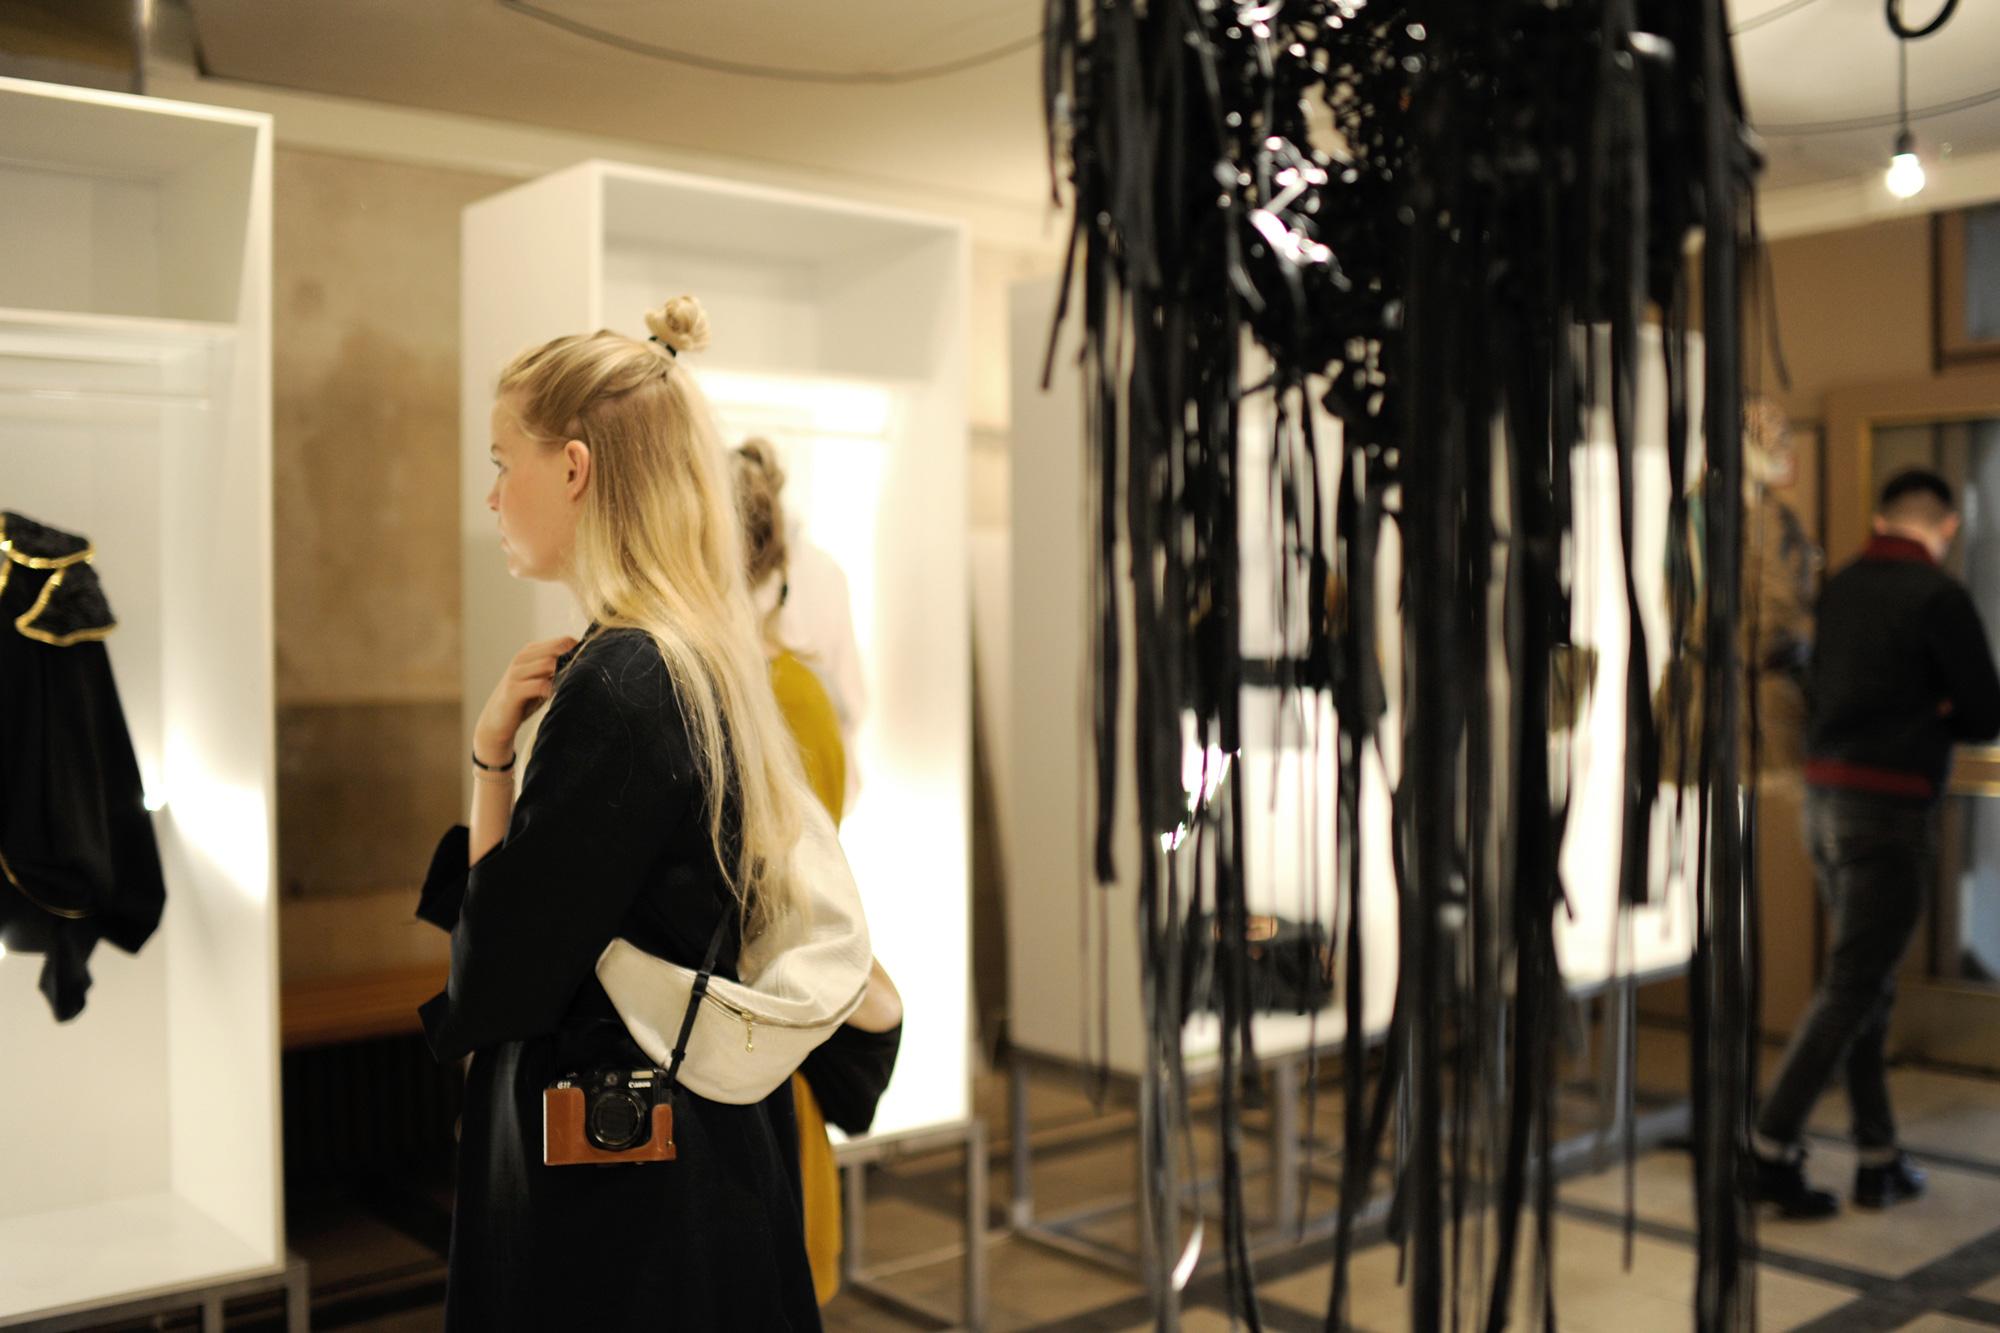 gerrit_schweiger-Young-European-Talents-Workshop-Exhibition-2013-Mode-Ausstellungsraum-Vernissage-Raum-Komplett-Blonde